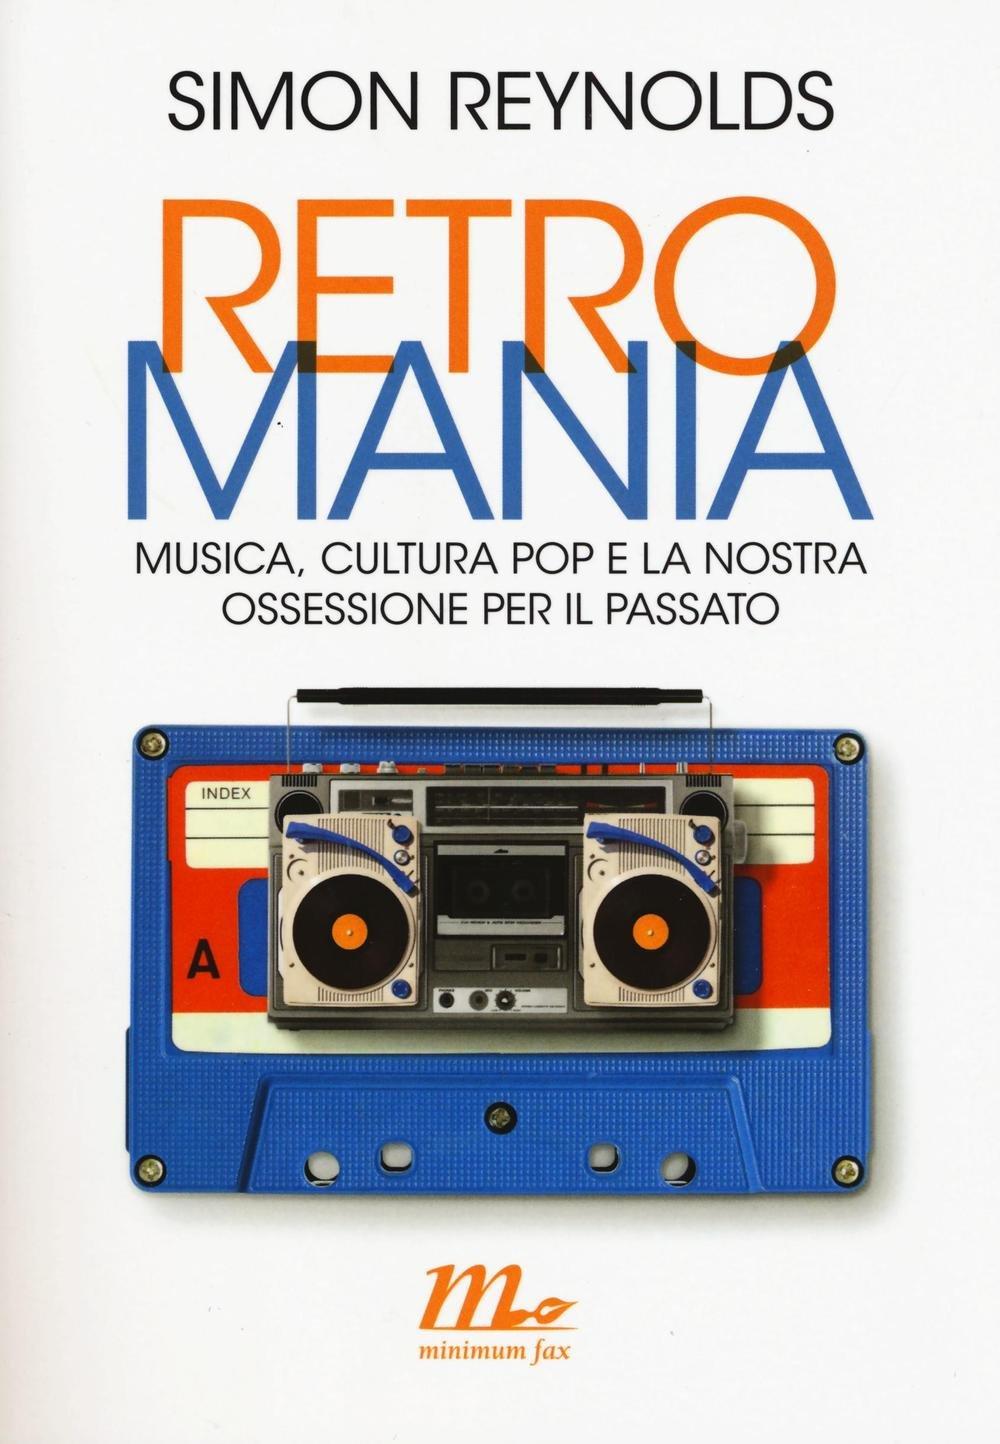 Retromania. Musica, cultura pop e la nostra ossessione per il passato